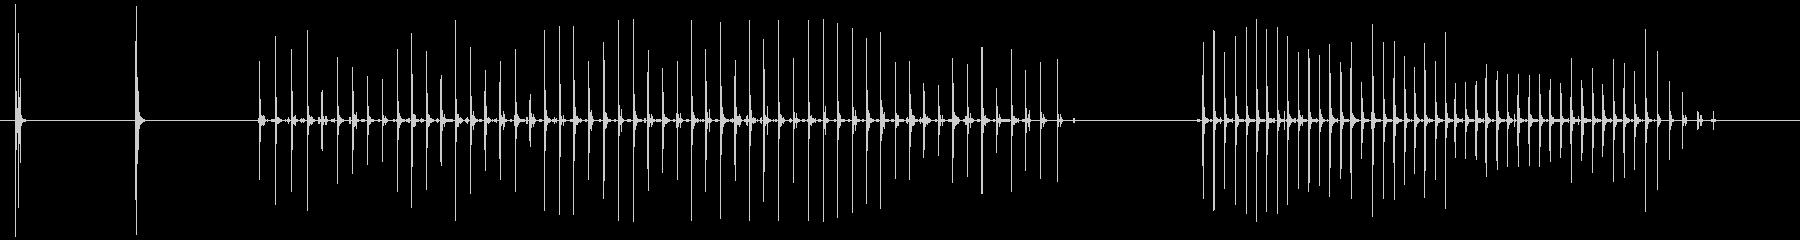 木のステップ-女性のキャンバスシューズの未再生の波形